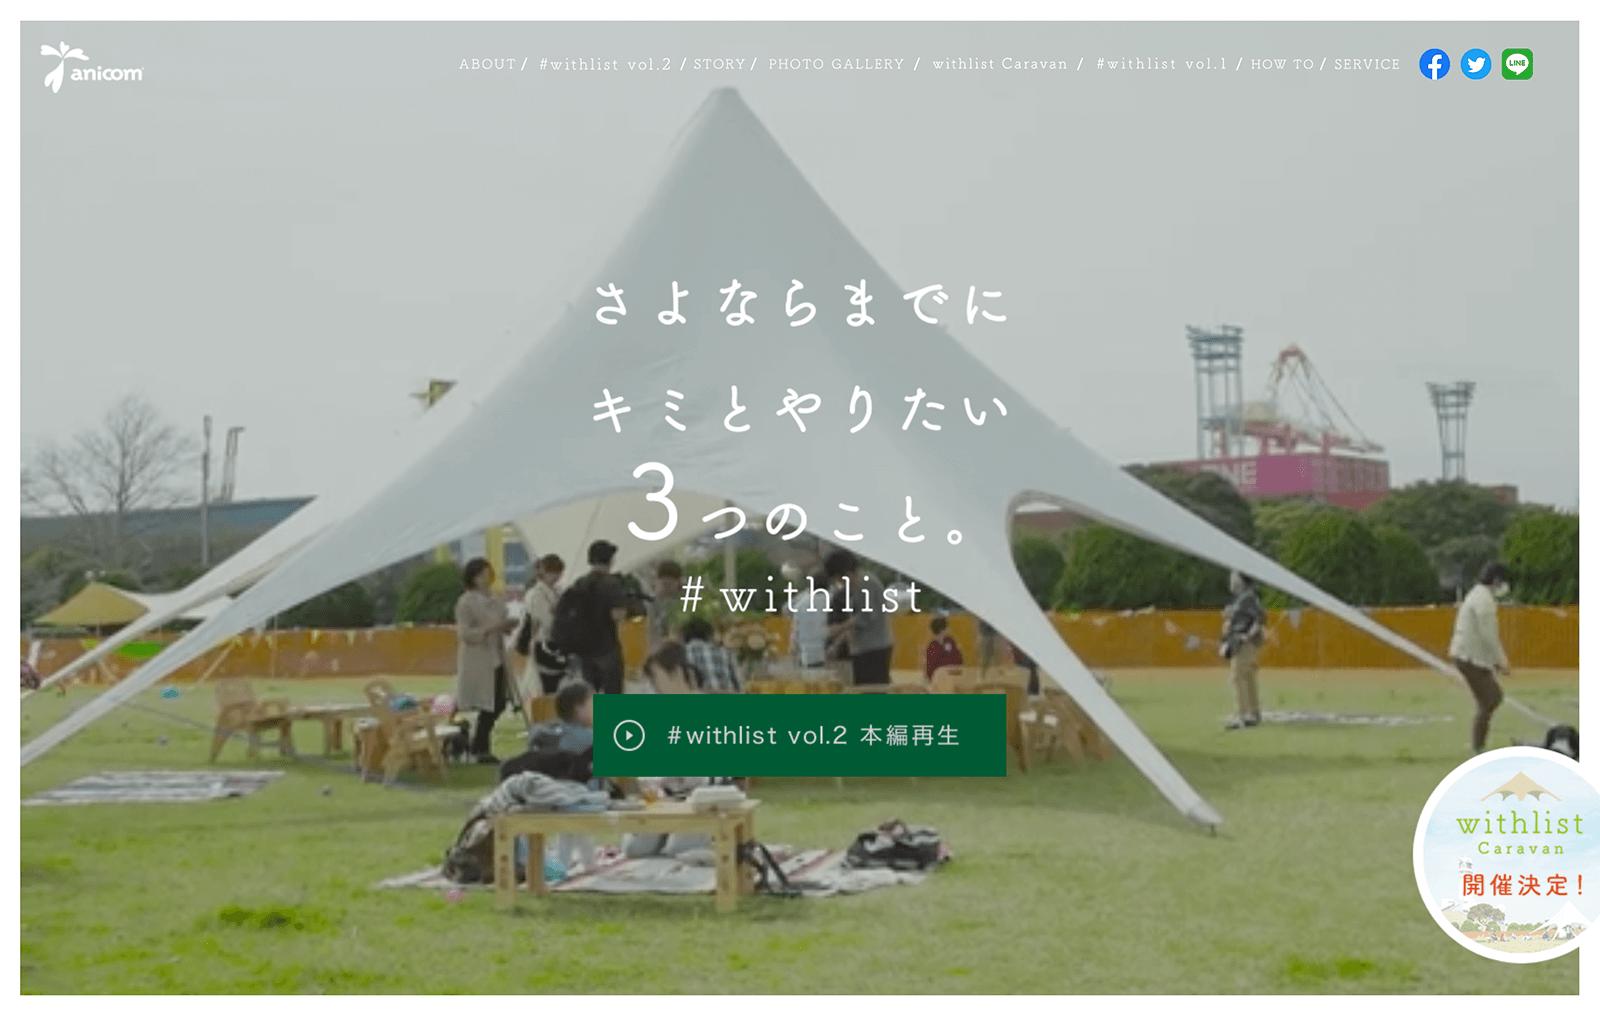 anicom 「さよならまでにキミとやりたい3つのこと #withlist」キャンペーンサイト